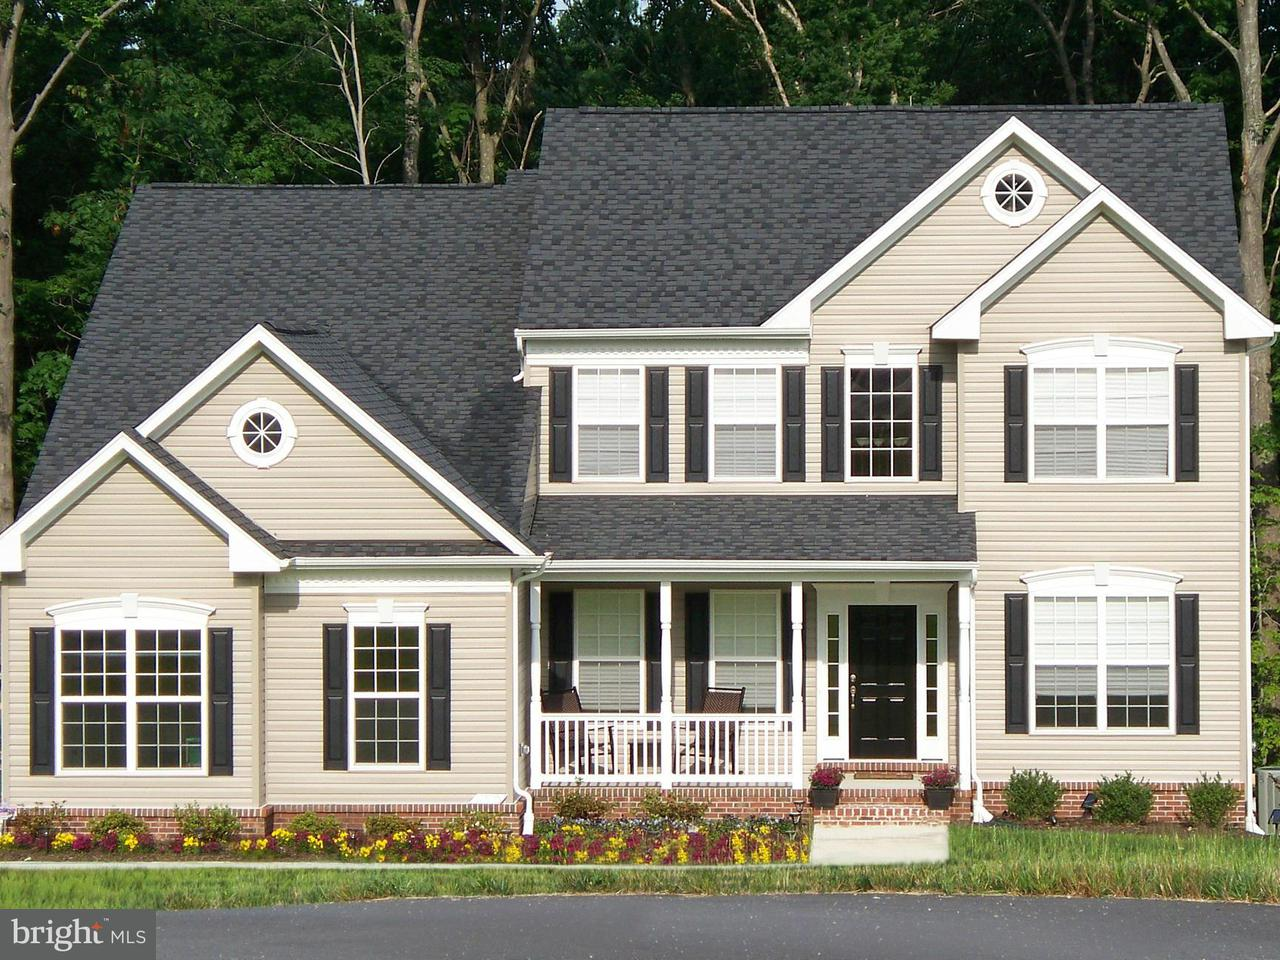 Частный односемейный дом для того Продажа на 1994 FOXWOOD LANE 1994 FOXWOOD LANE Lusby, Мэриленд 20657 Соединенные Штаты